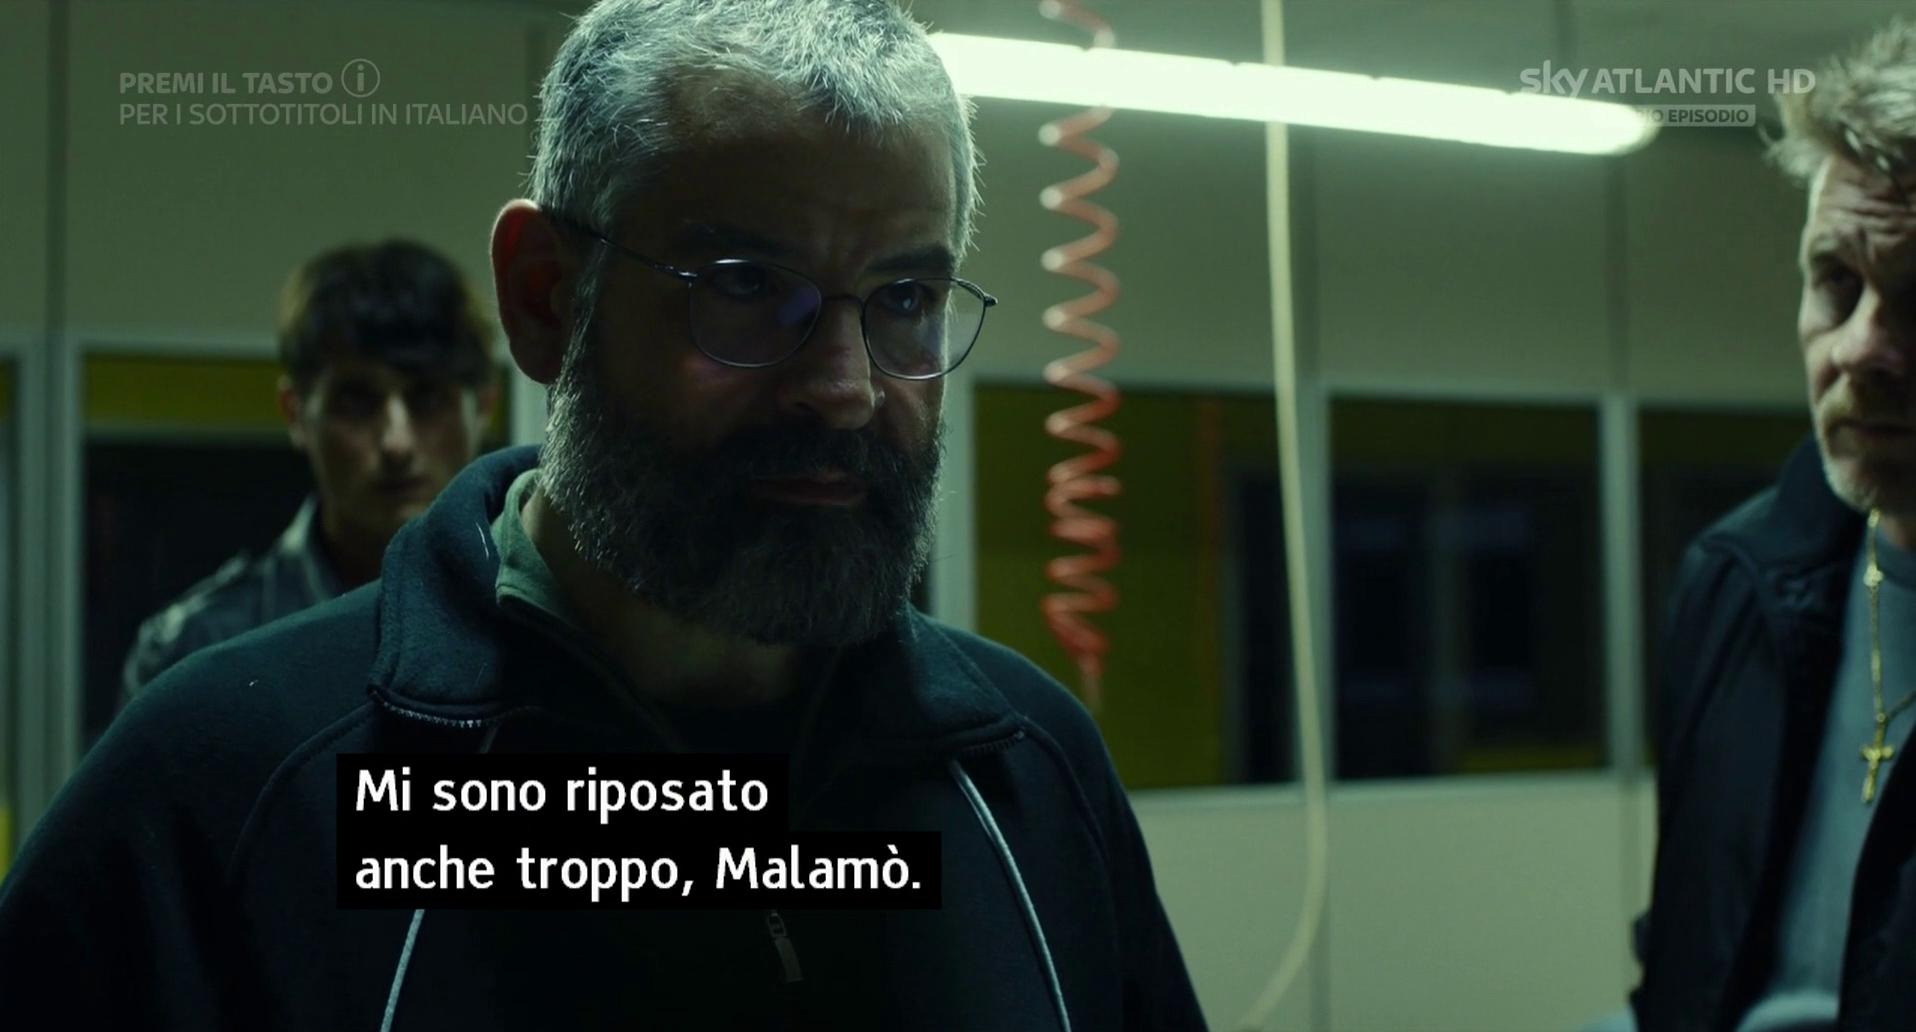 Gomorra - La Serie - Stagione 2 (2016) (Completa) HDTVRip 1080P ITA AC3  x264 mkv Hardsubbed